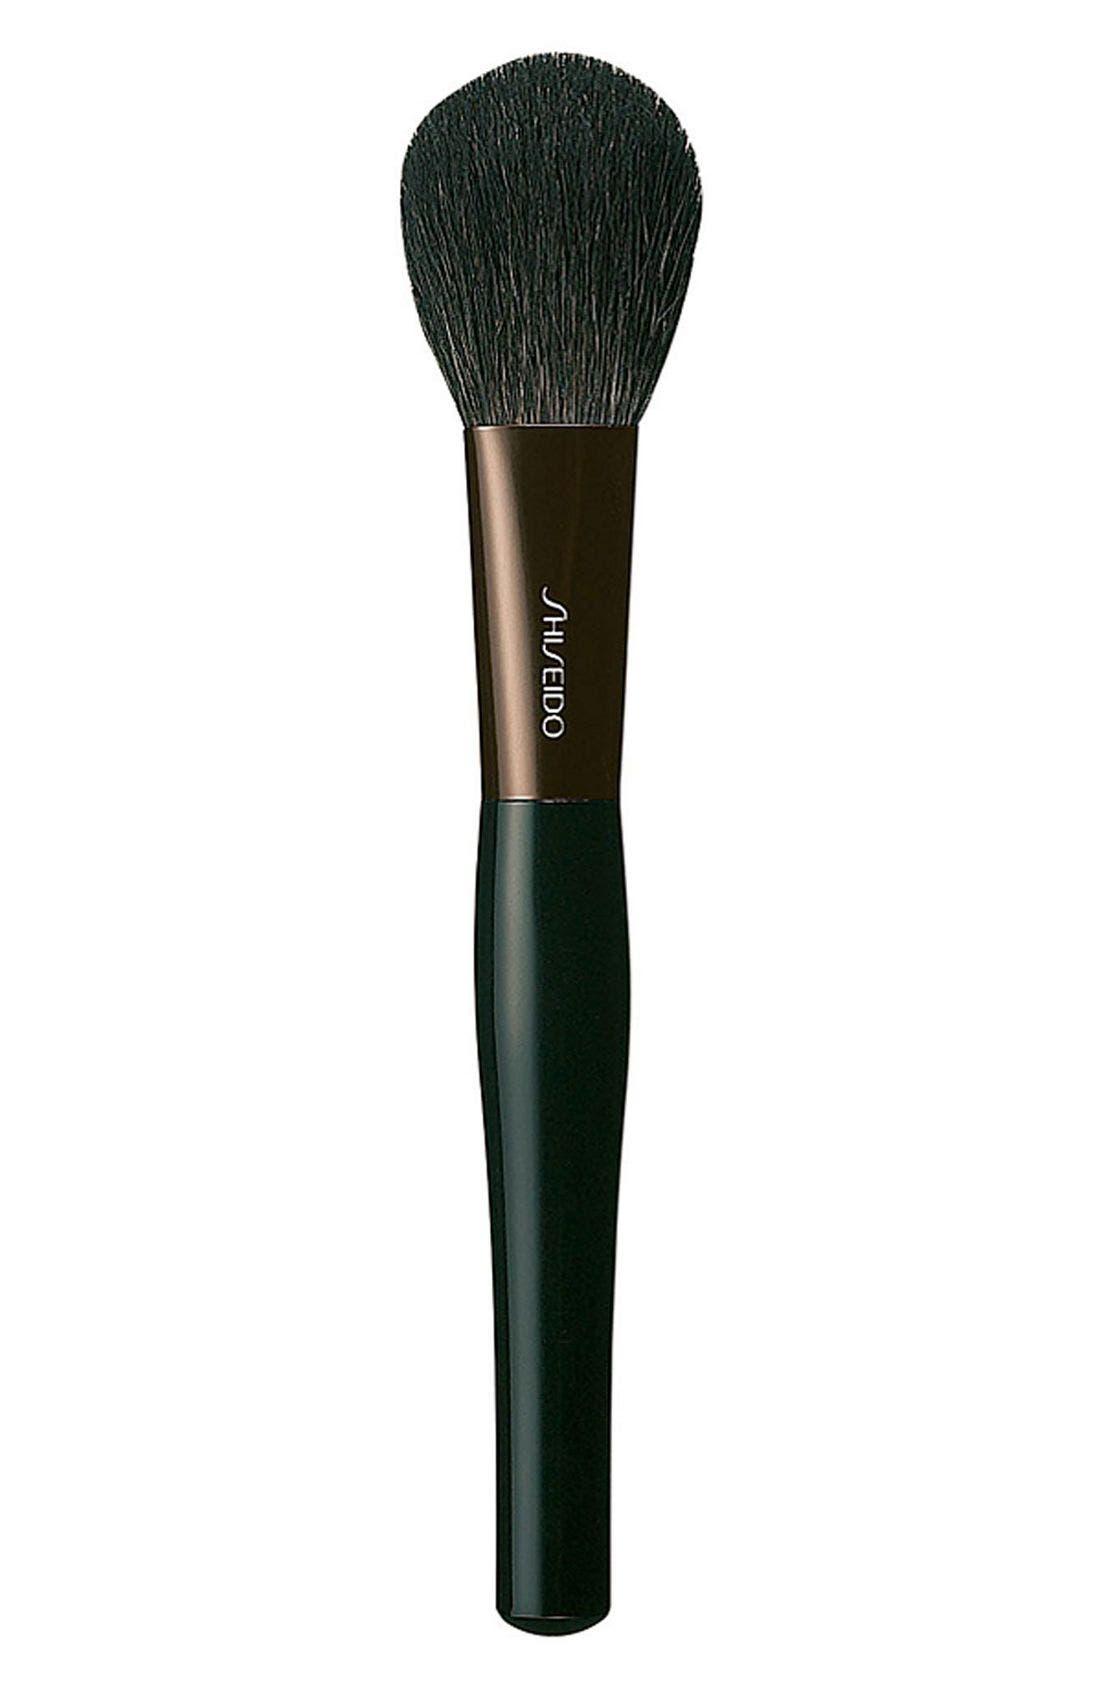 'The Makeup' Blush Brush,                             Main thumbnail 1, color,                             000